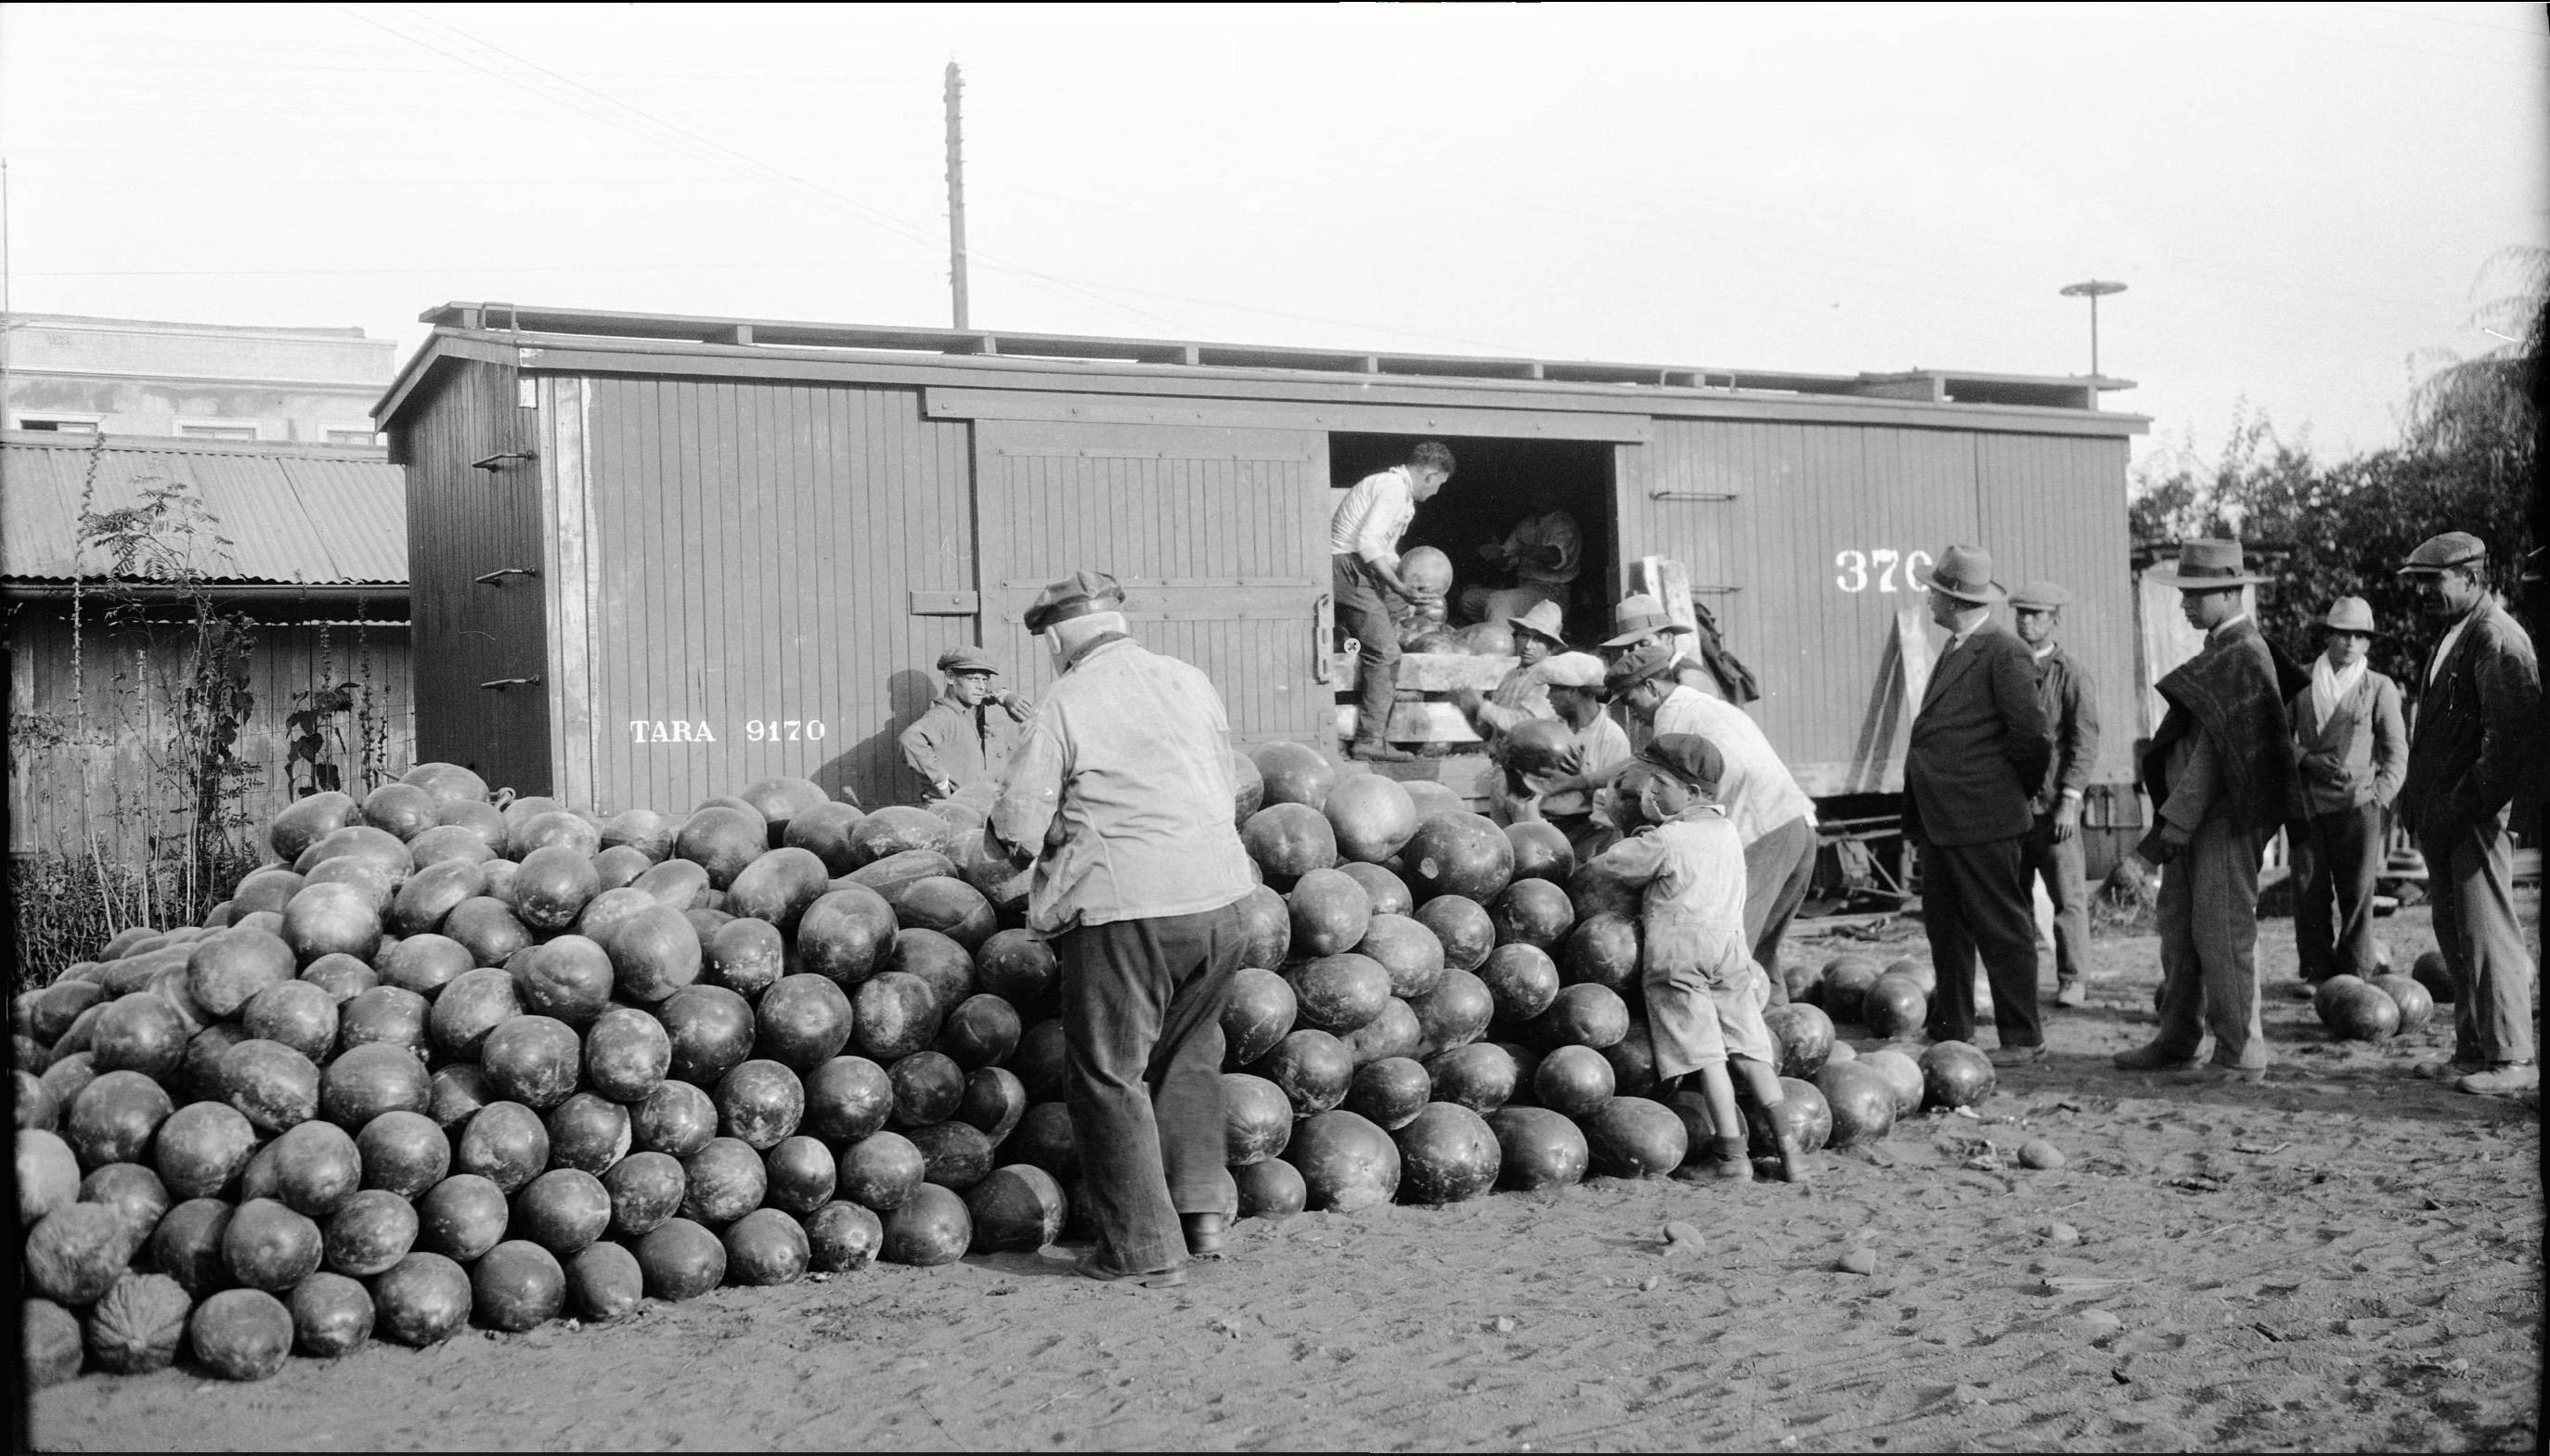 Enterreno - Fotos históricas de chile - fotos antiguas de Chile - Cargamento de sandías, Rancagua, 1930